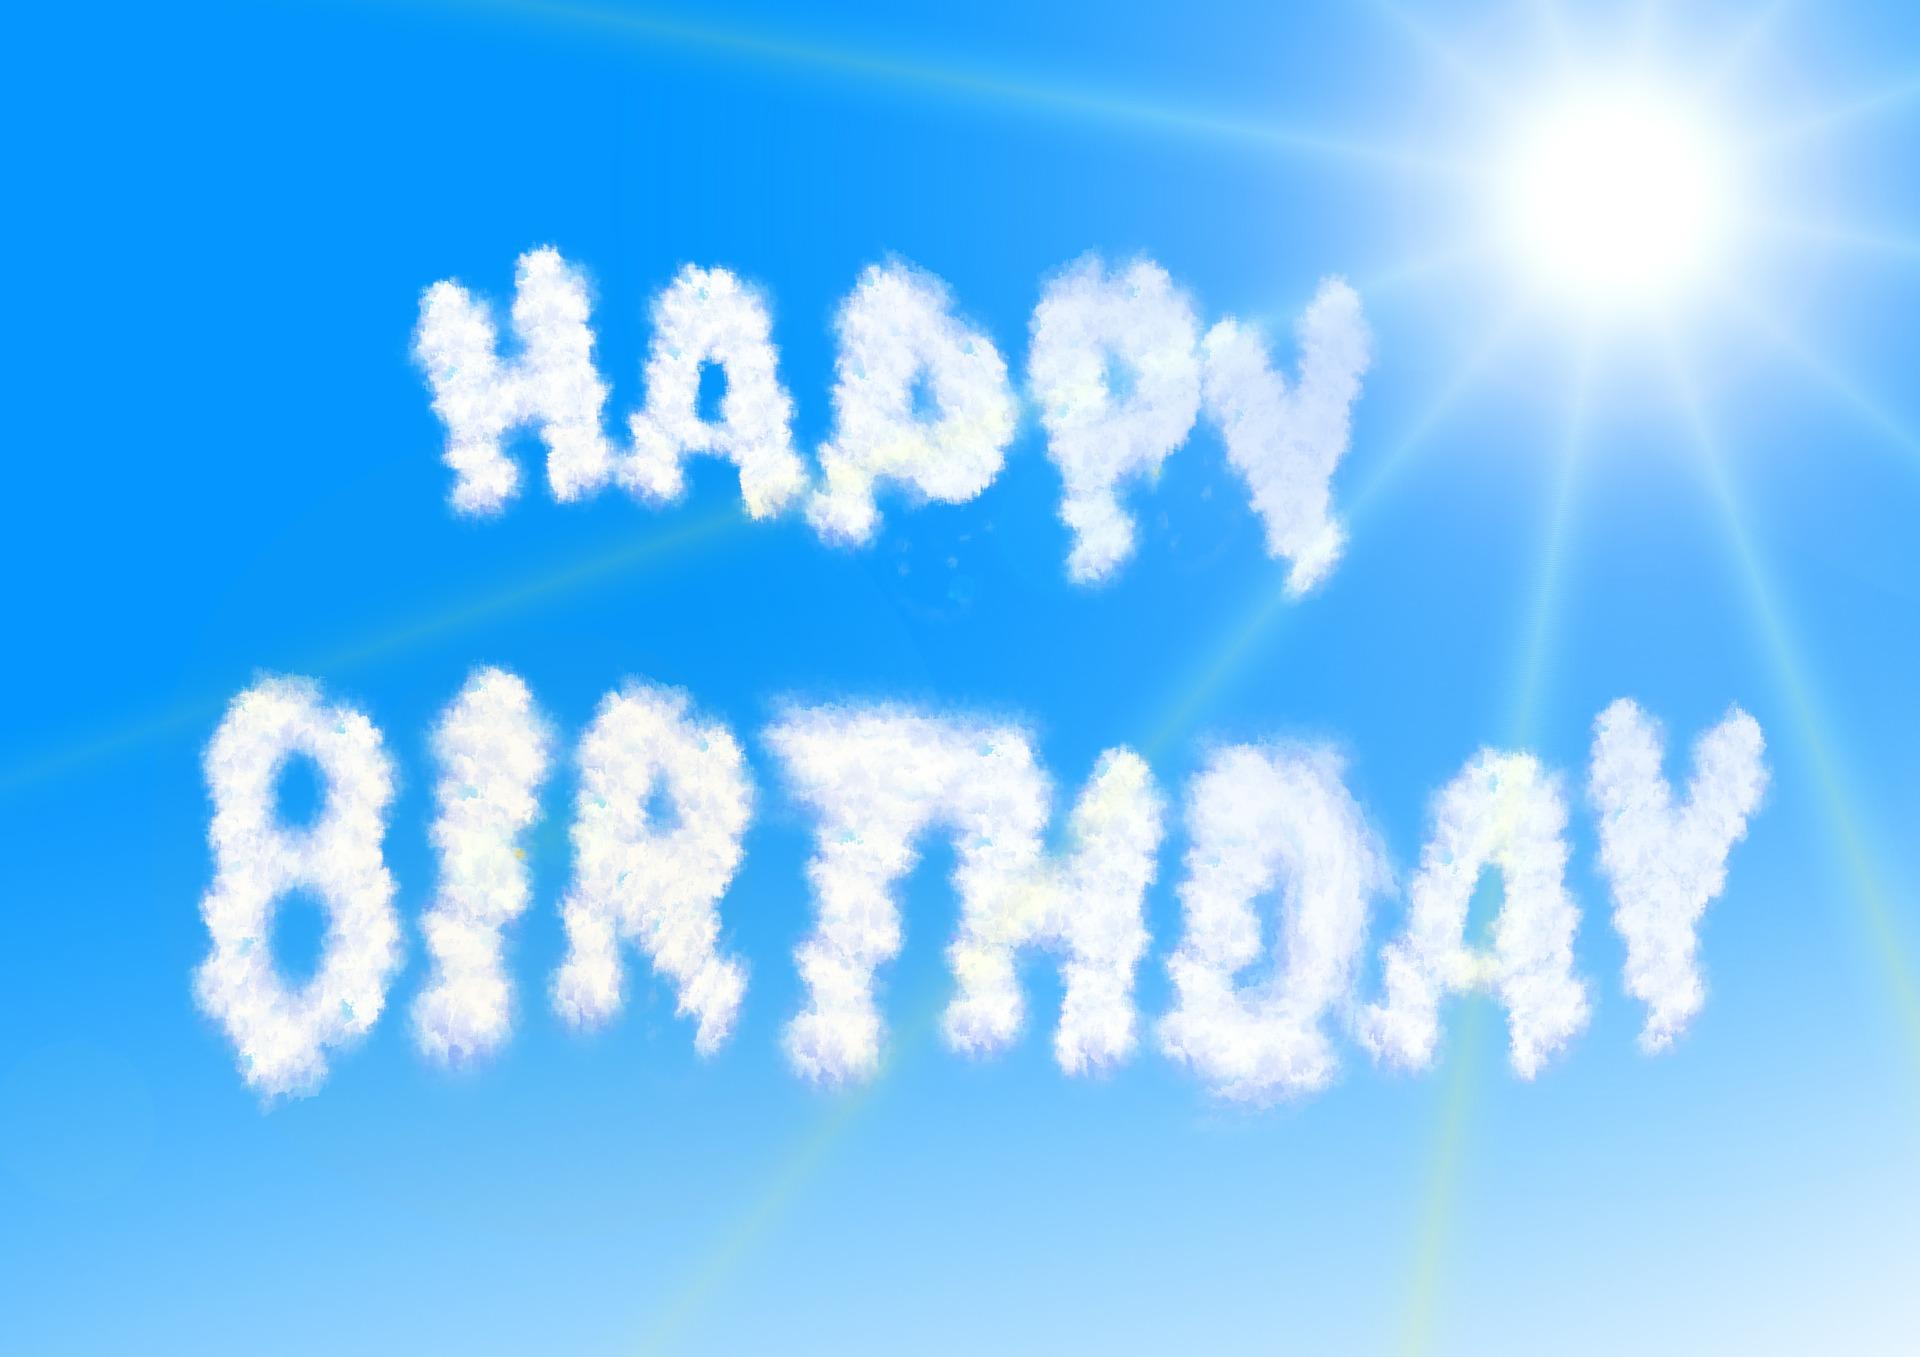 fødselsdag, fødselsdag i alanya